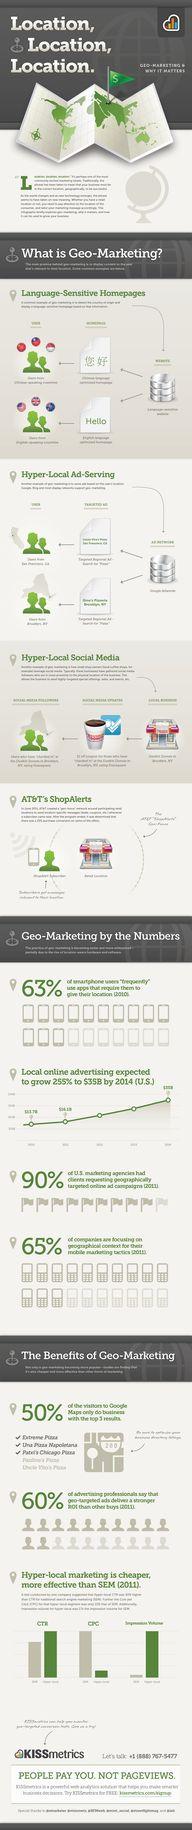 ¿Qué es el Geo-Marke